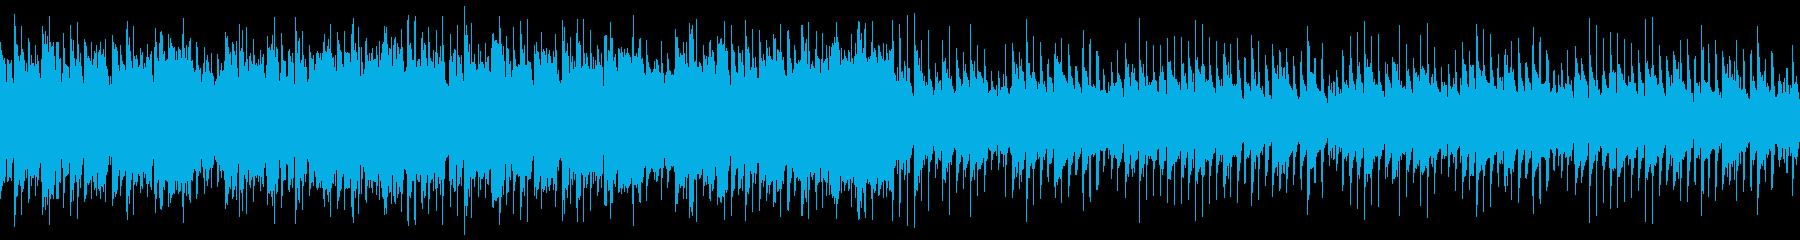 雄大で爽やかな和風ポップ(ループの再生済みの波形